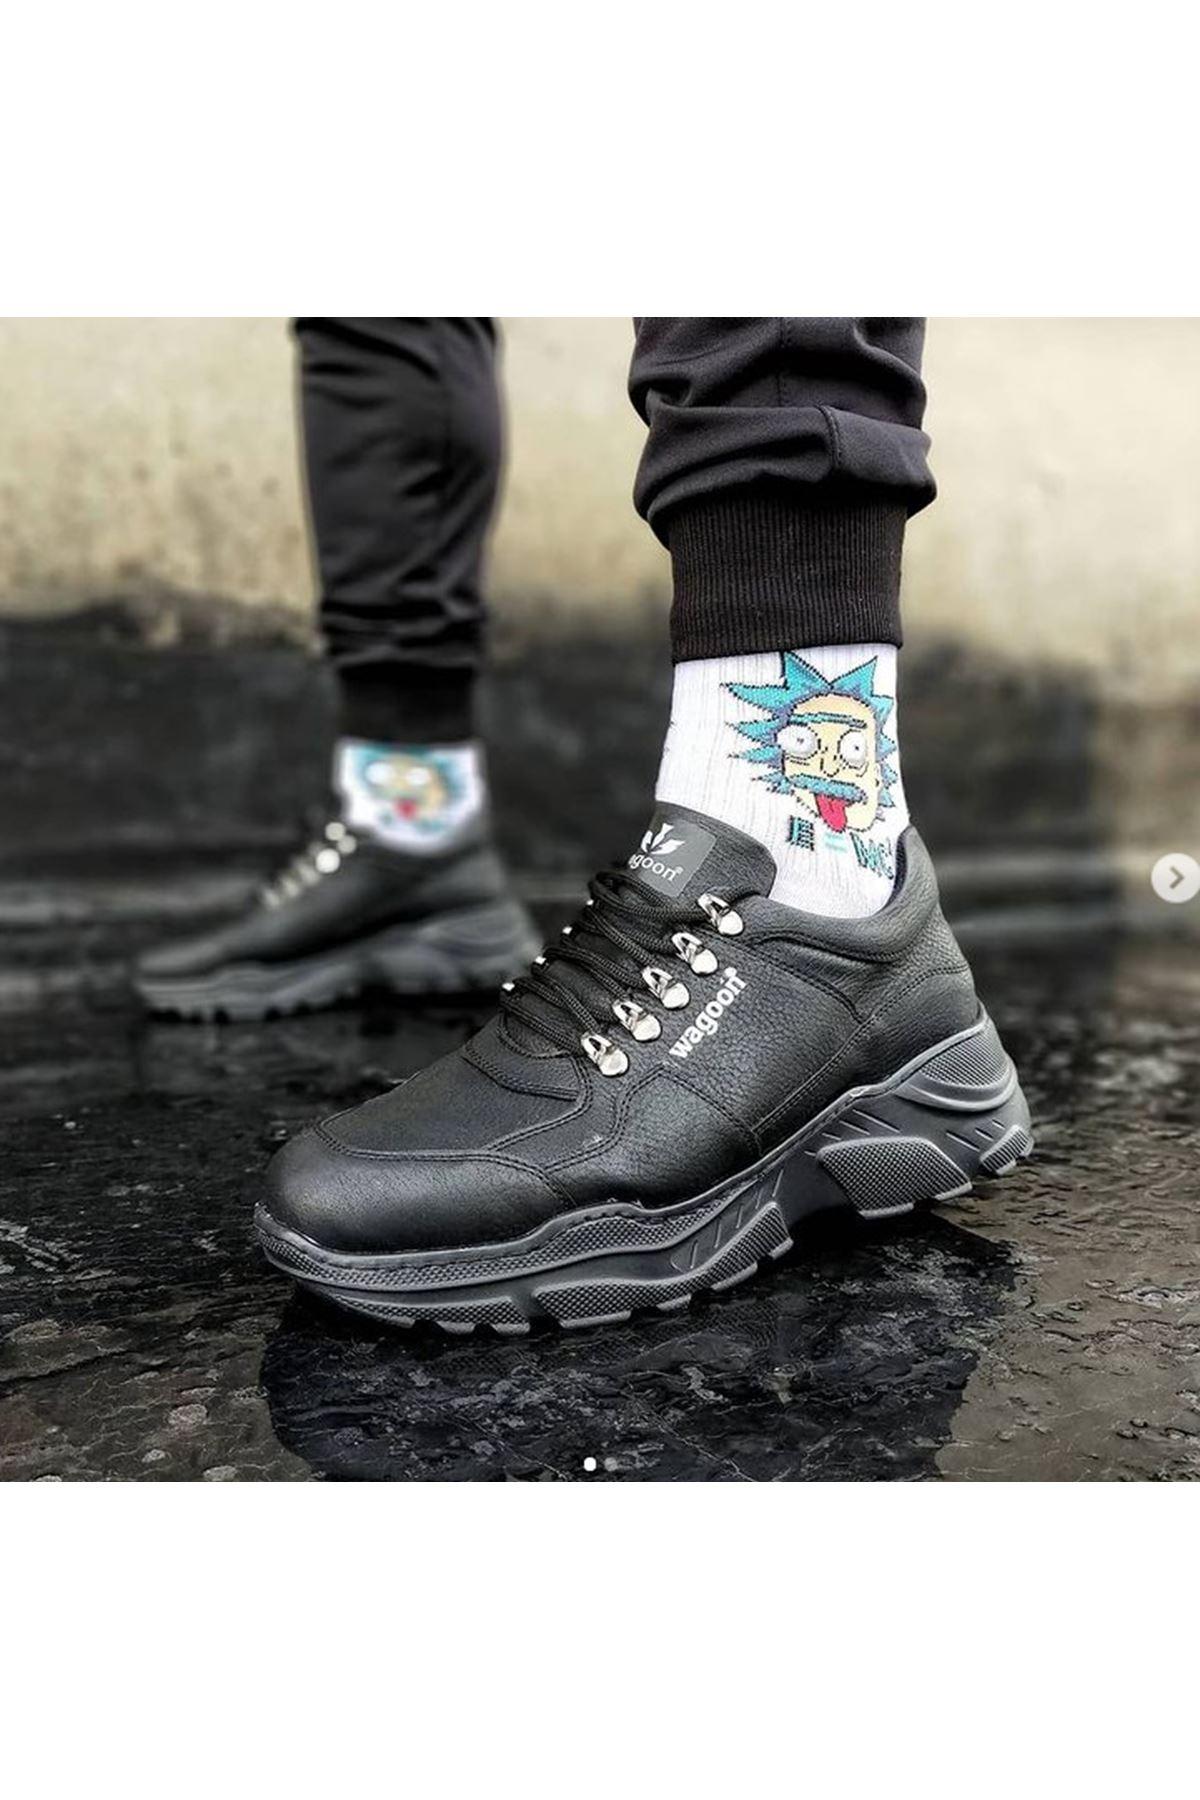 Wagoon WG019 Kömür Erkek Yüksek Taban Ayakkabı